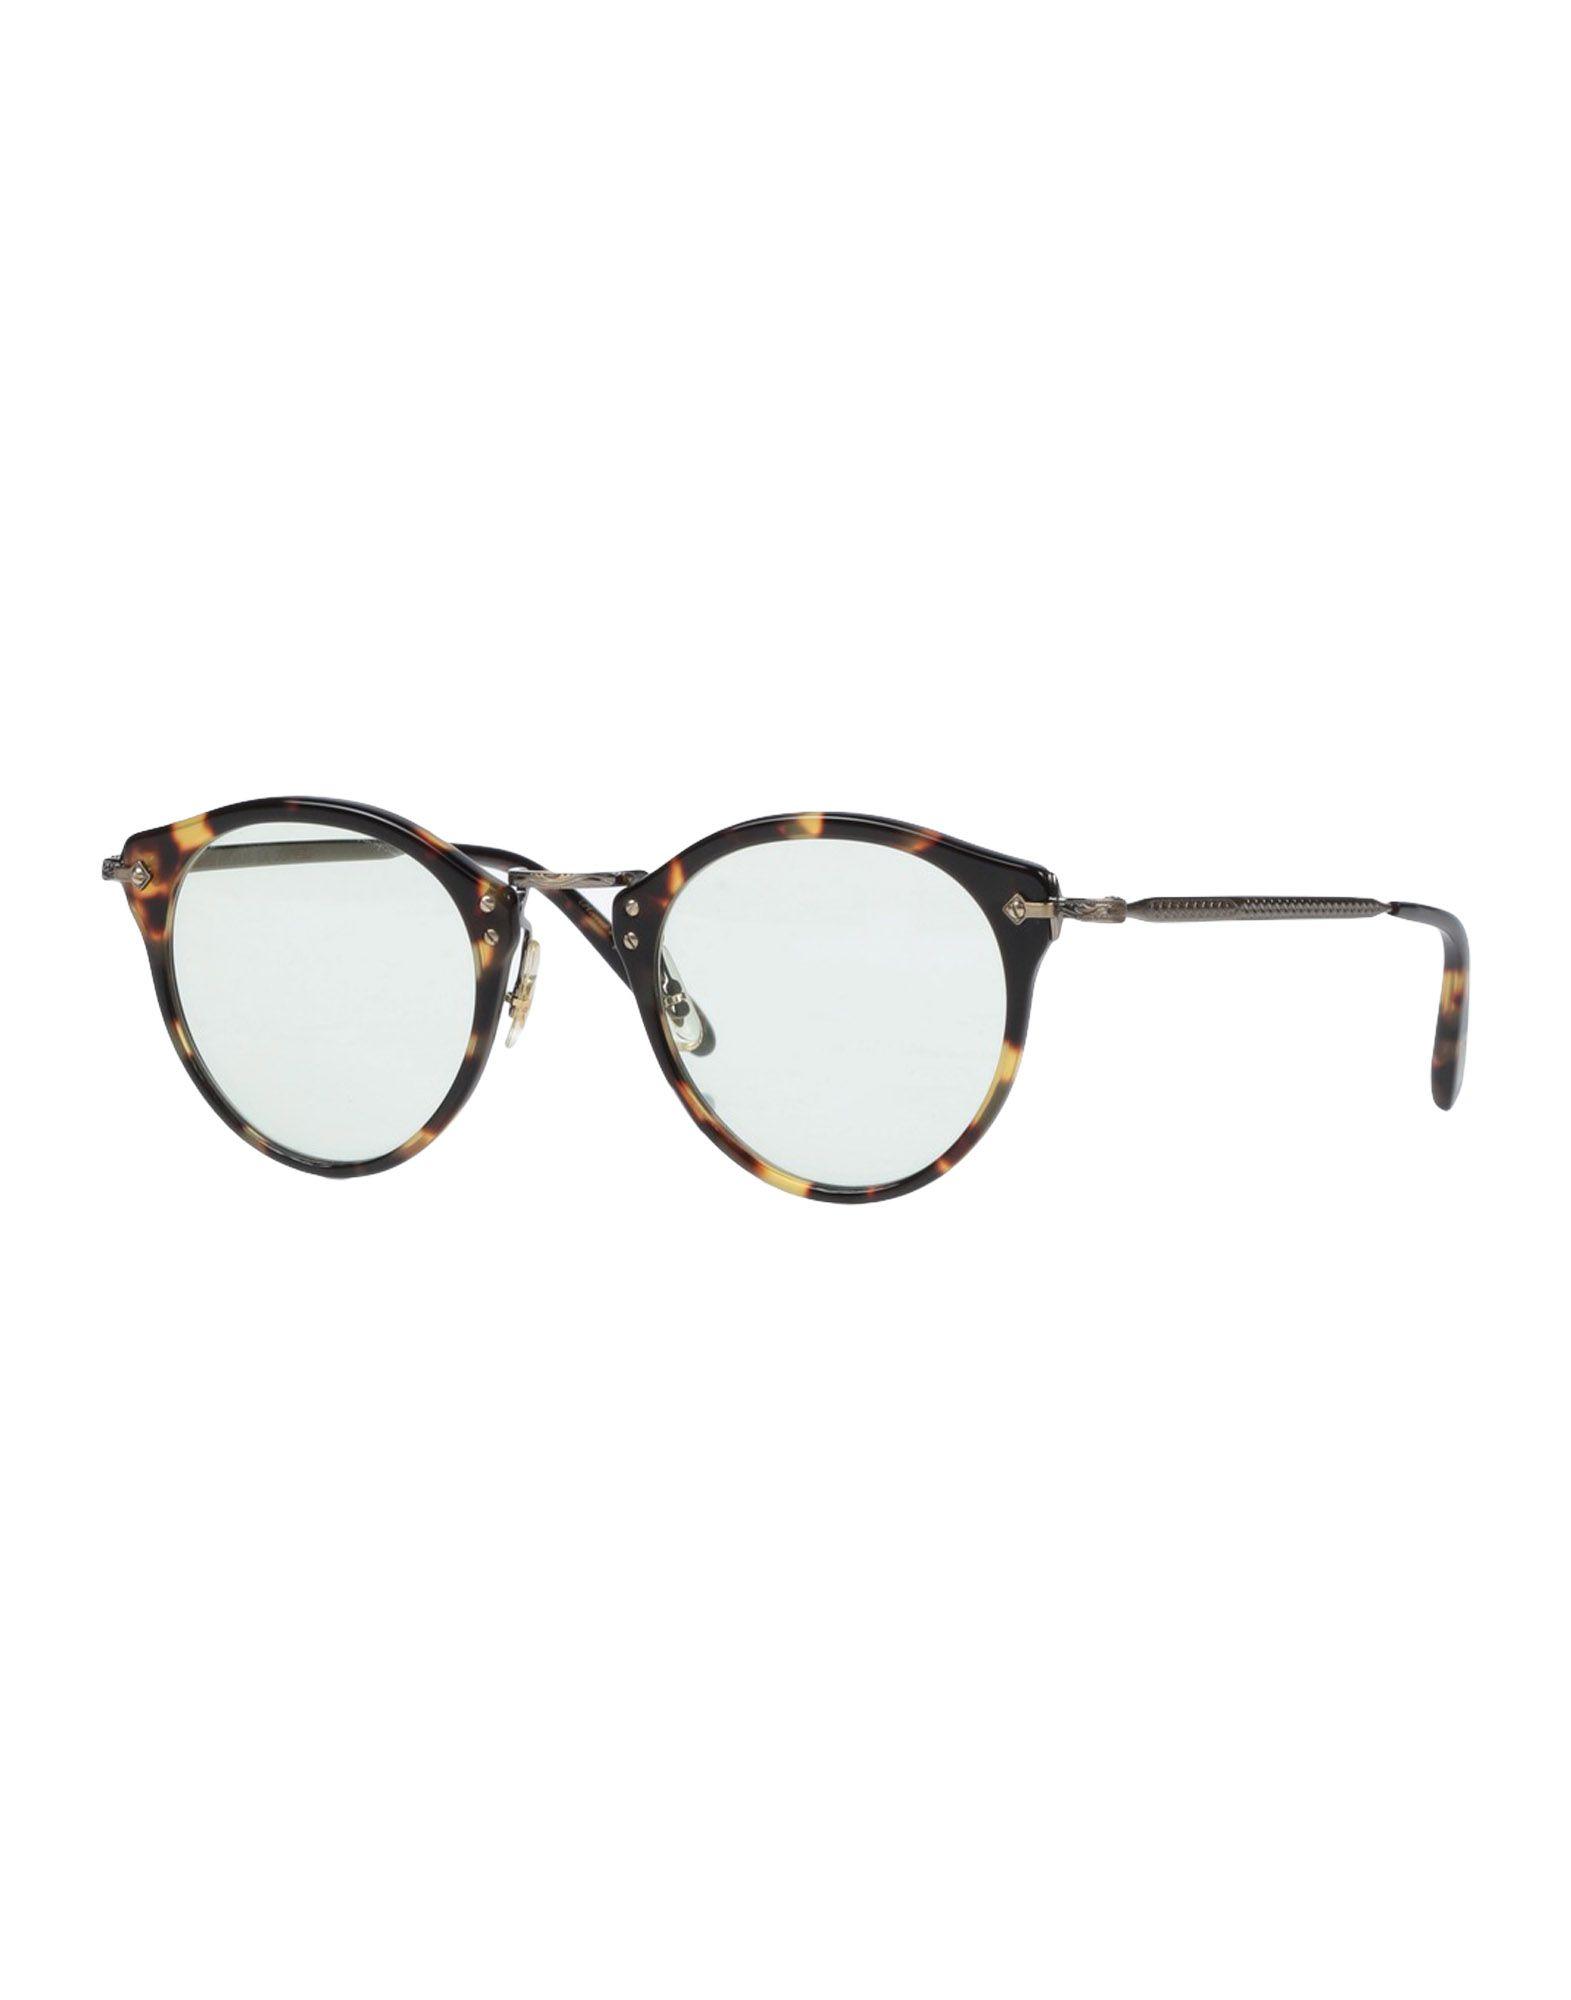 OLIVER PEOPLES Herren Brille Farbe Dunkelbraun Größe 1